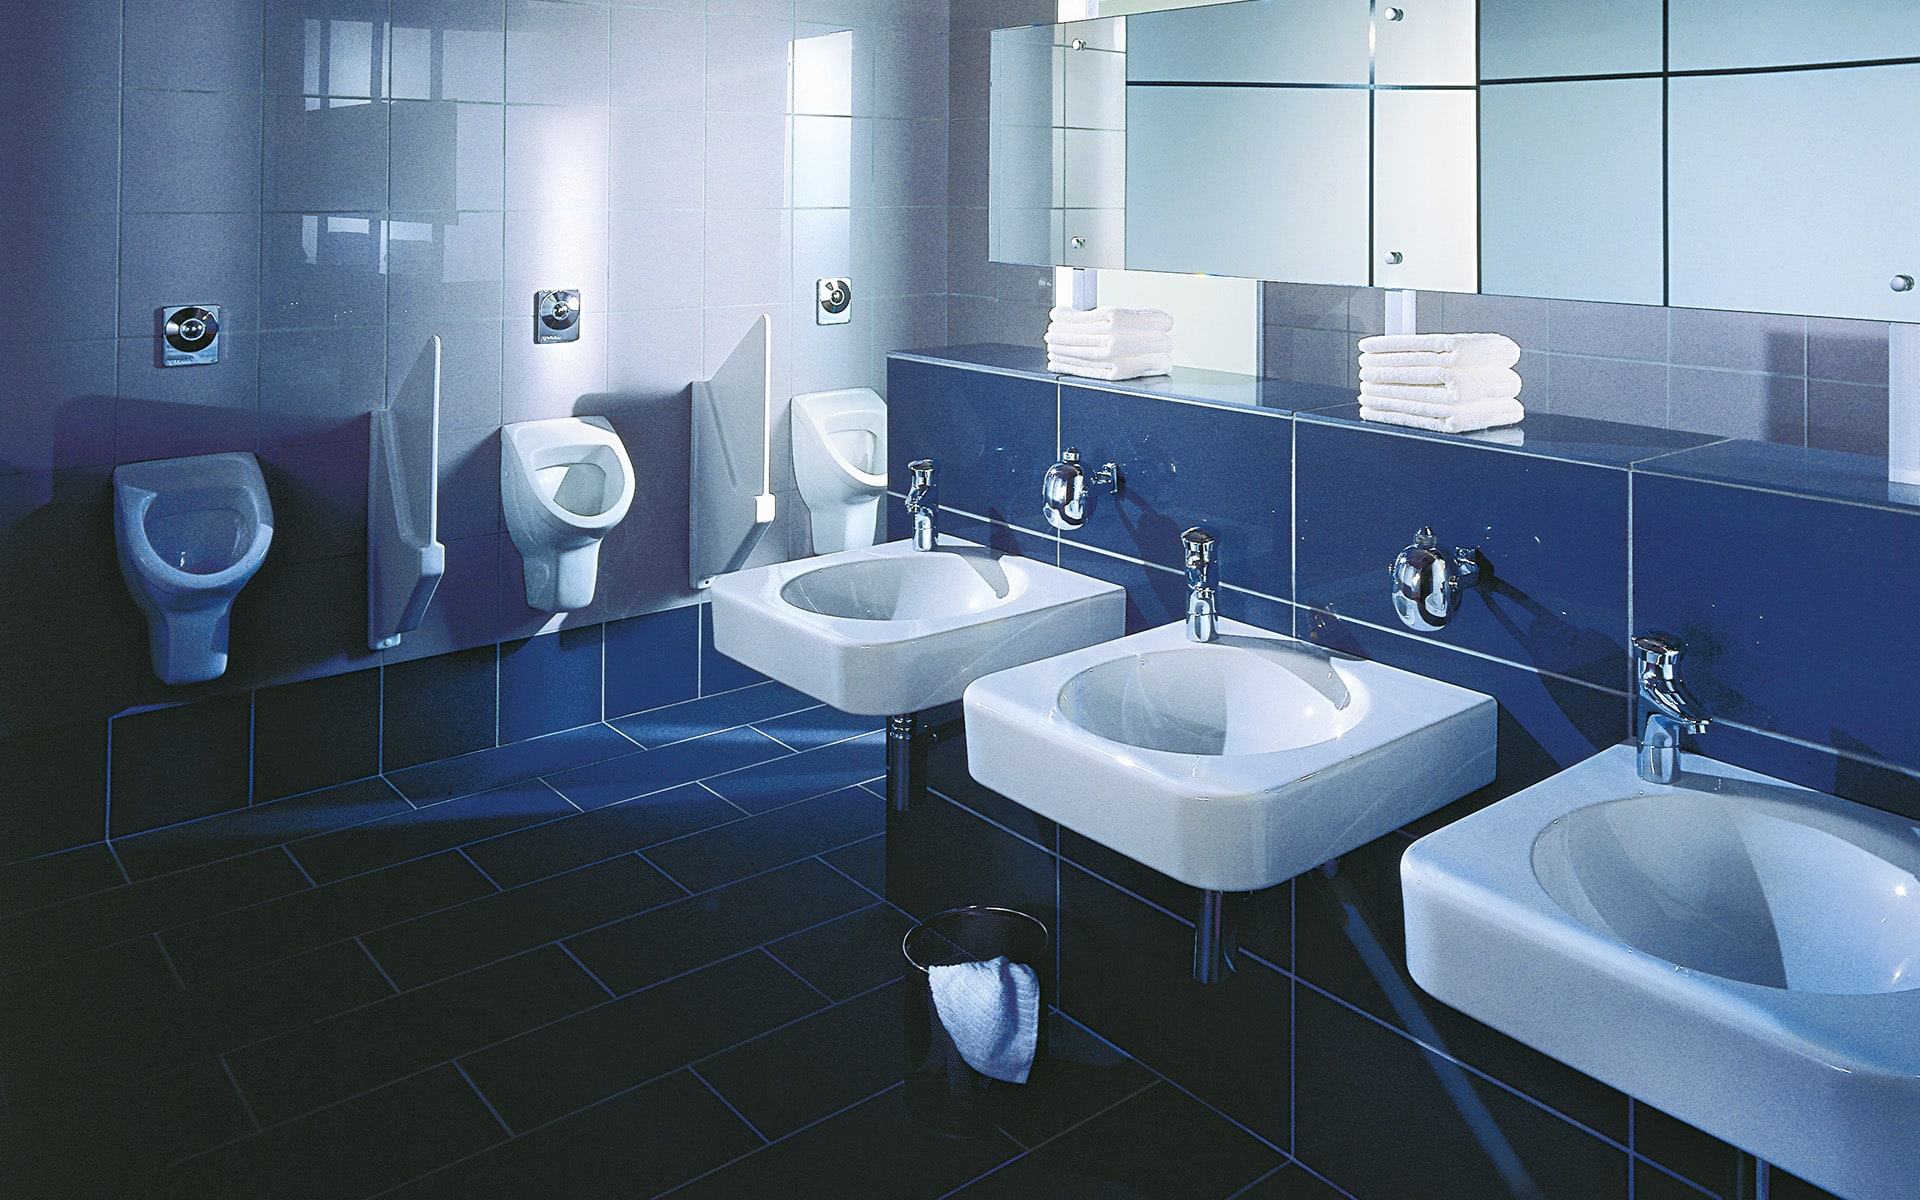 Minimalistische weiße Waschbecken für Villeroy & Boch von ITO Design, 2001 entworfen